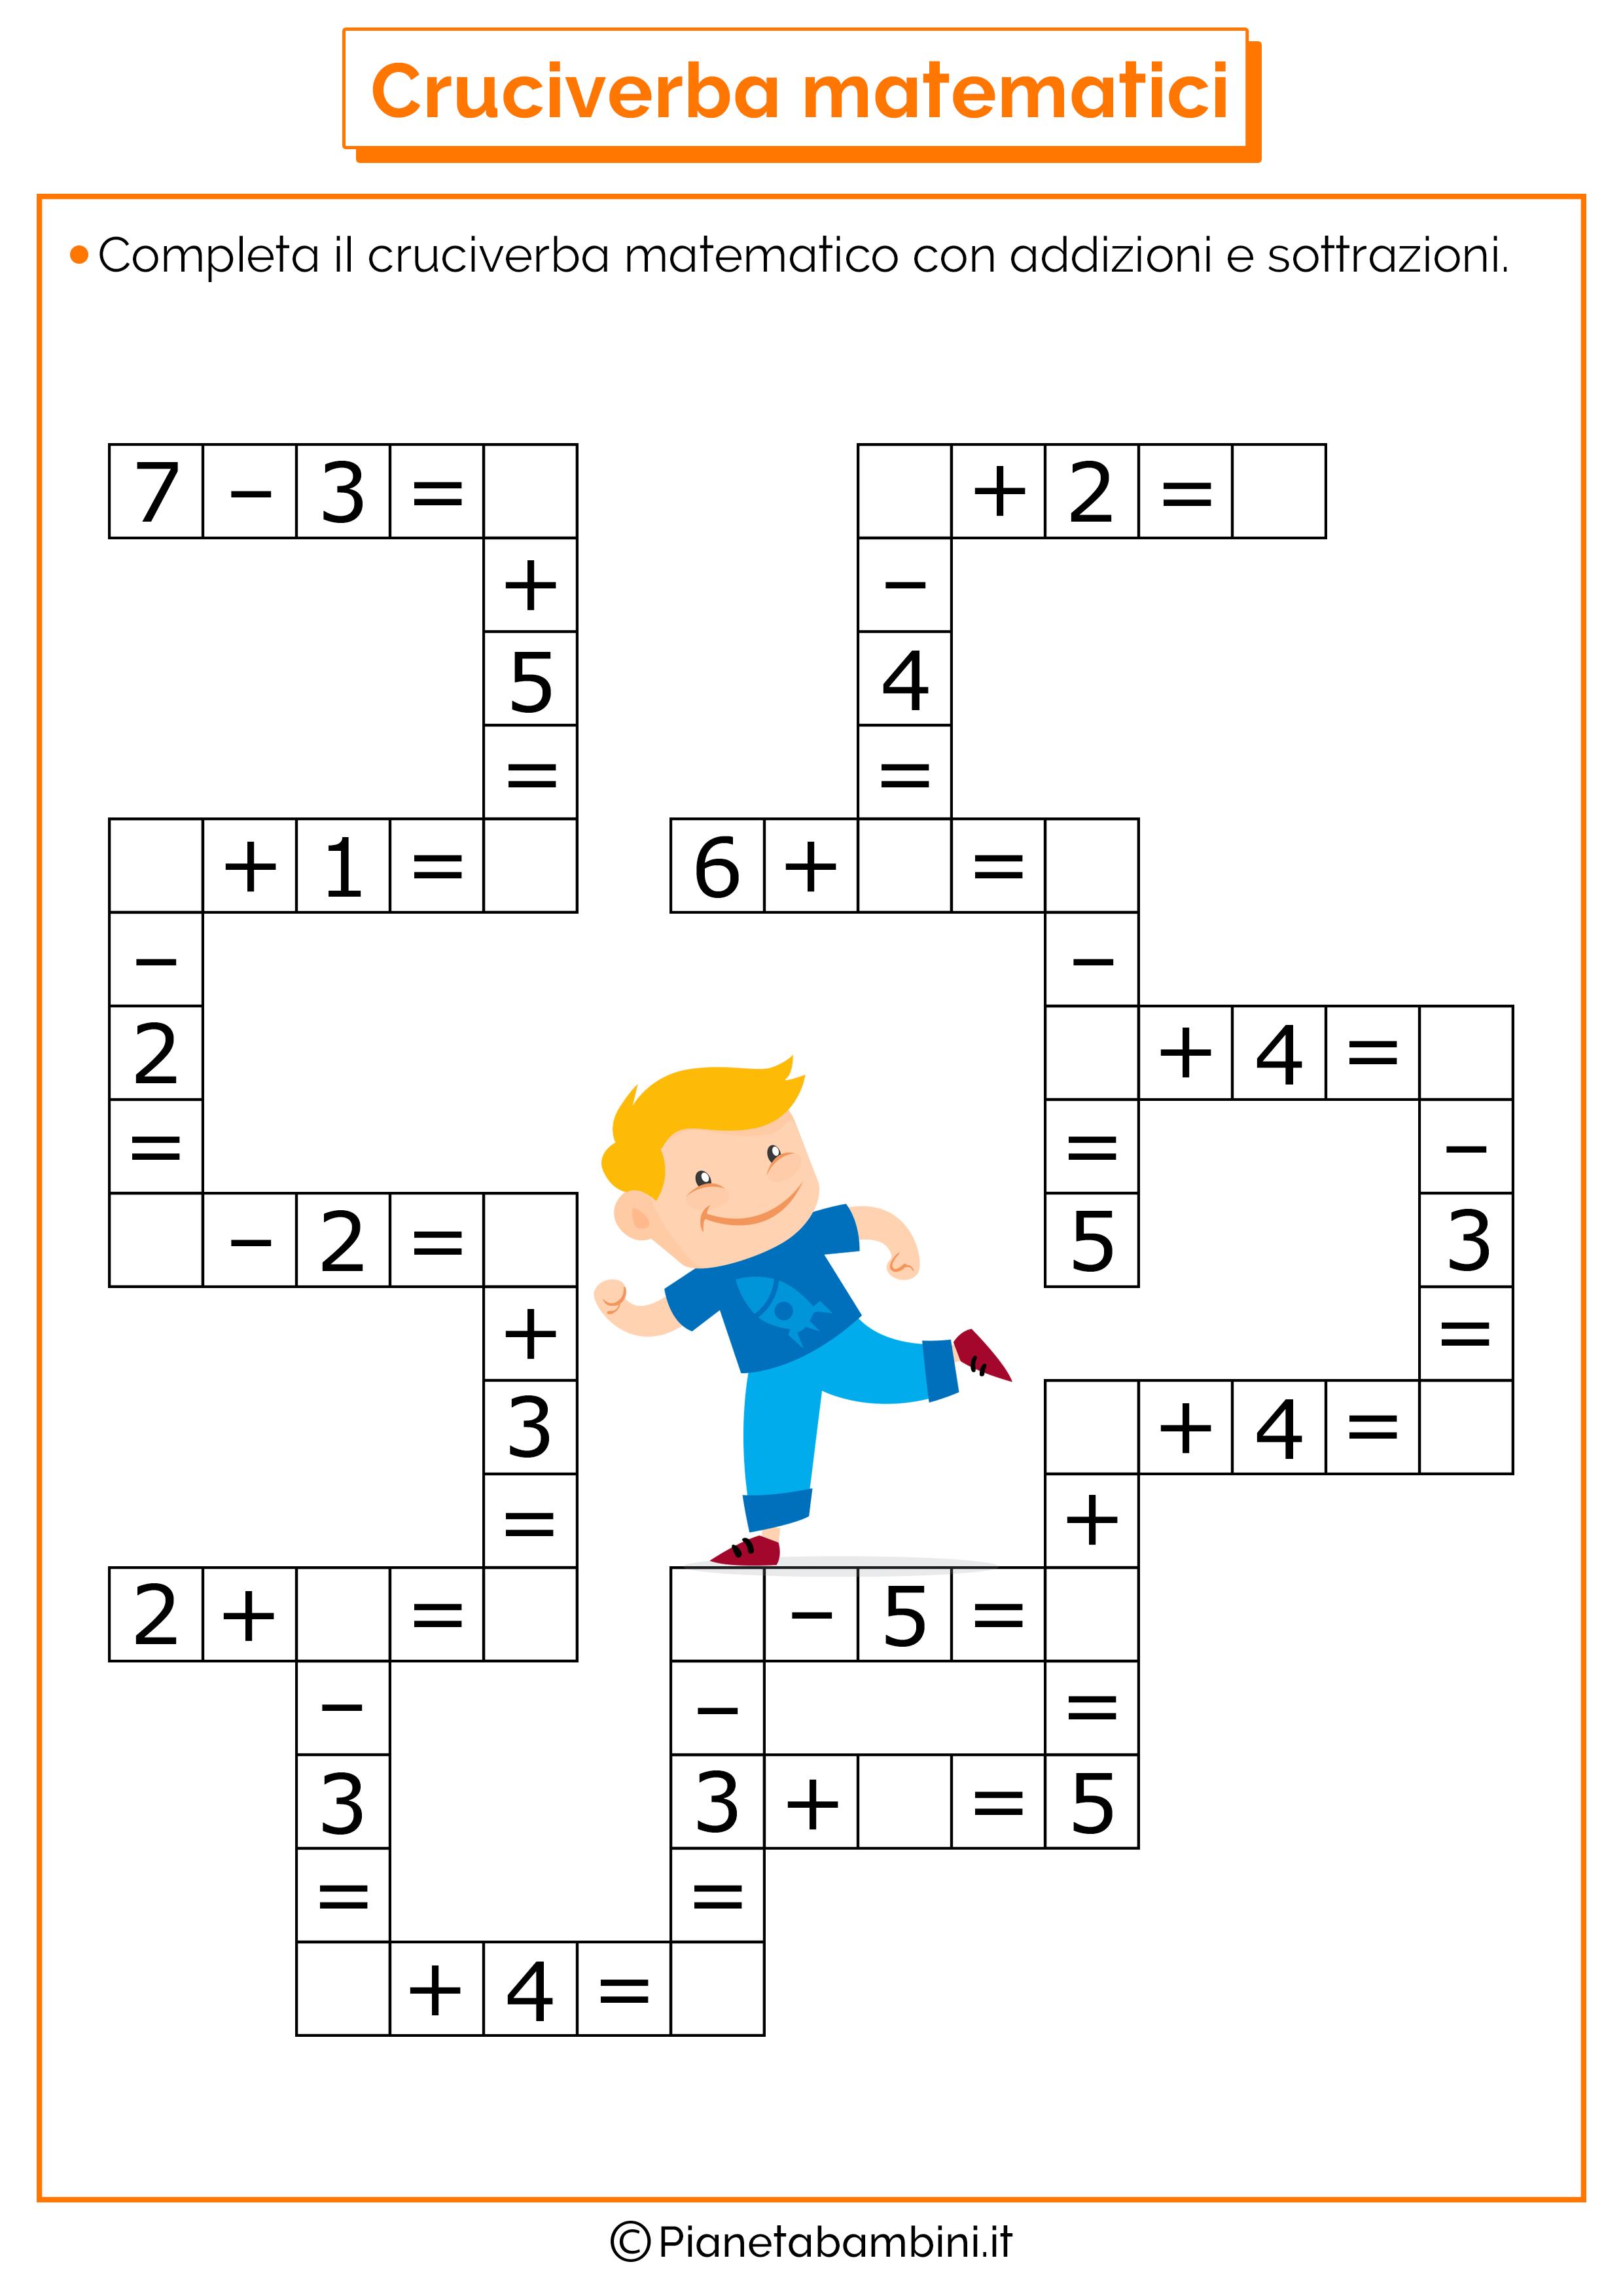 Cruciverba Matematici con Addizioni e Sottrazioni ...